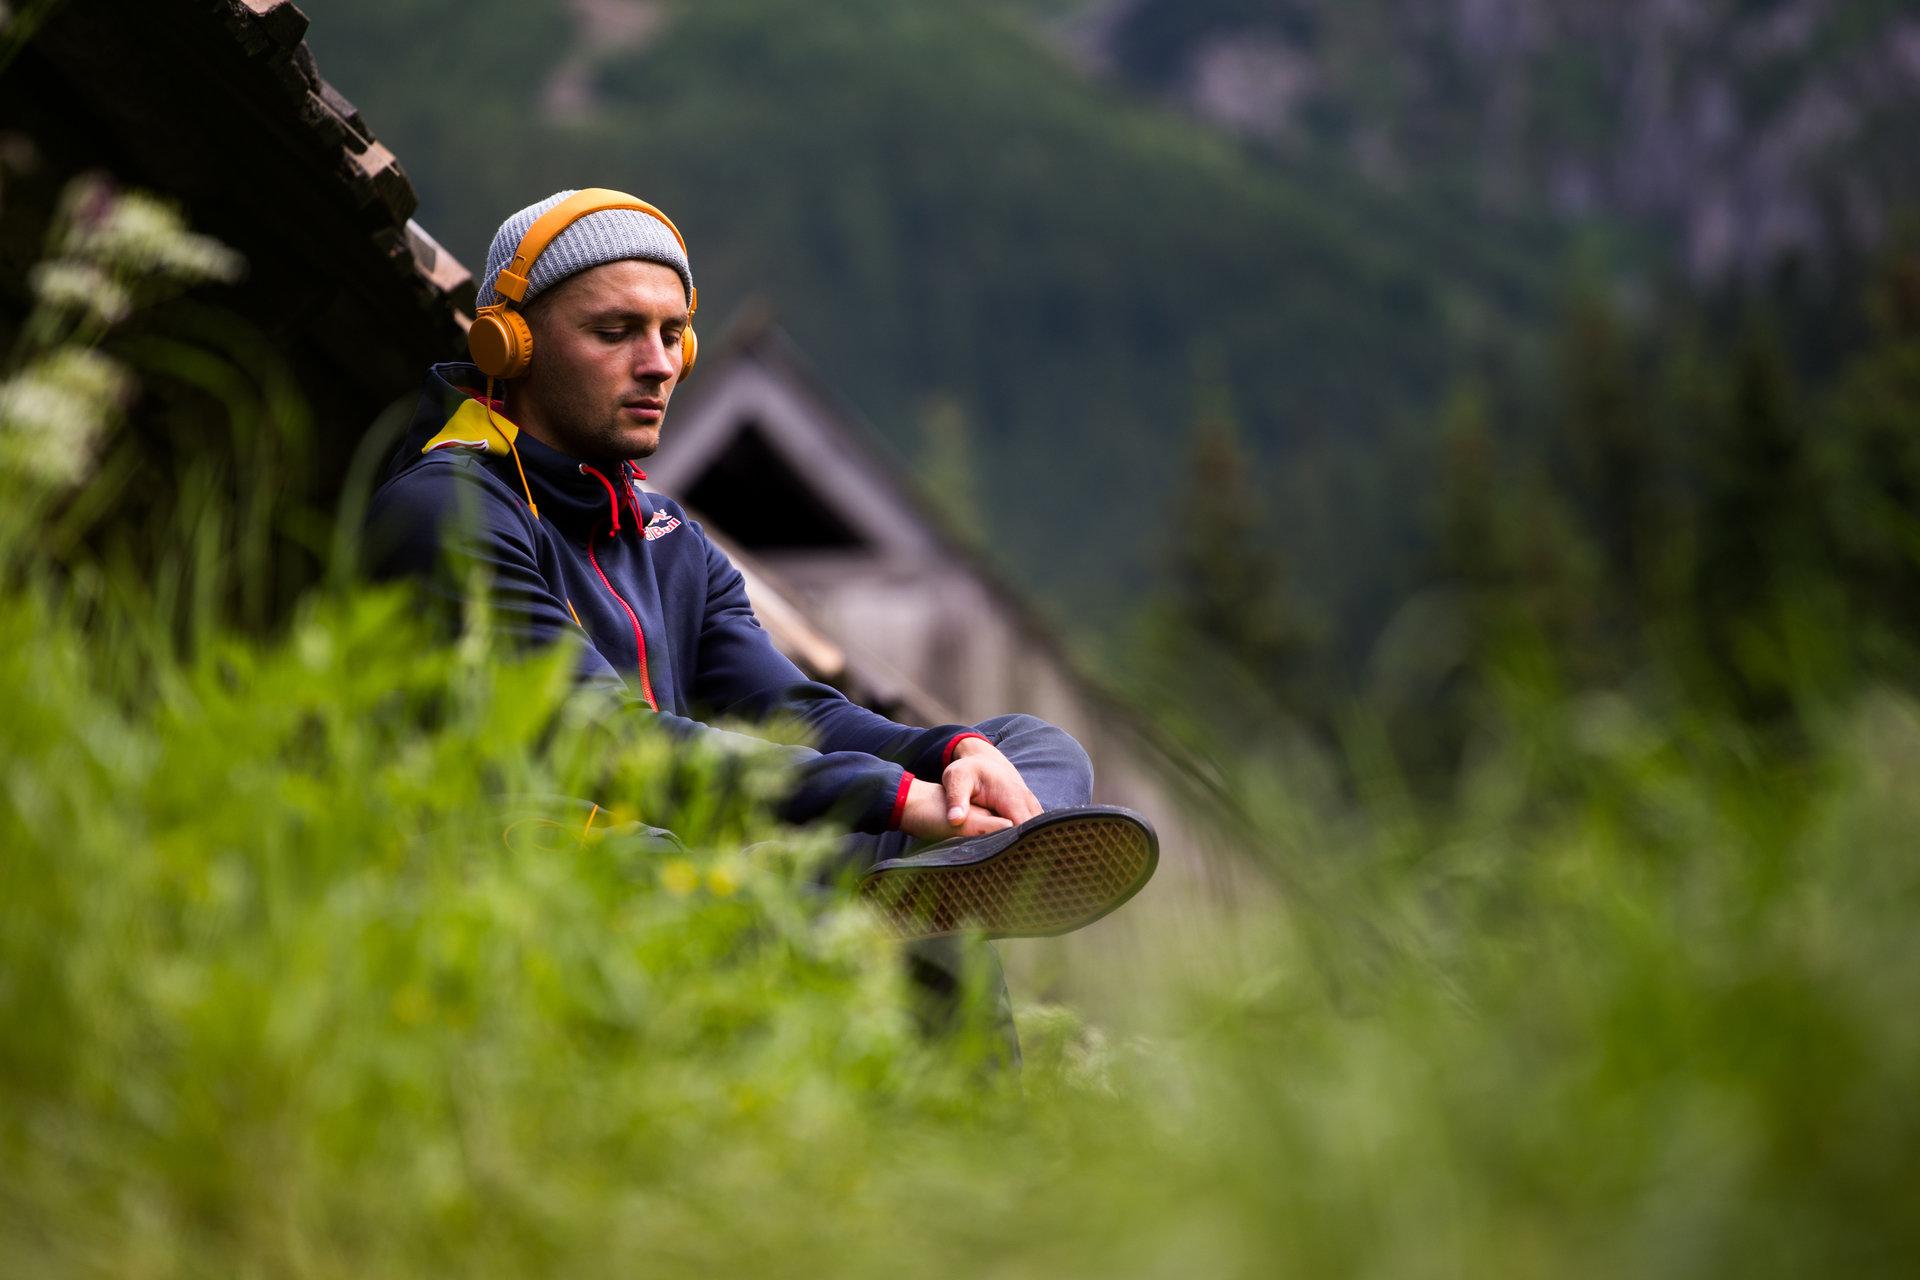 Storytel przygotuje audiobook z relacją Andrzeja Bargiela z wyprawy na K2